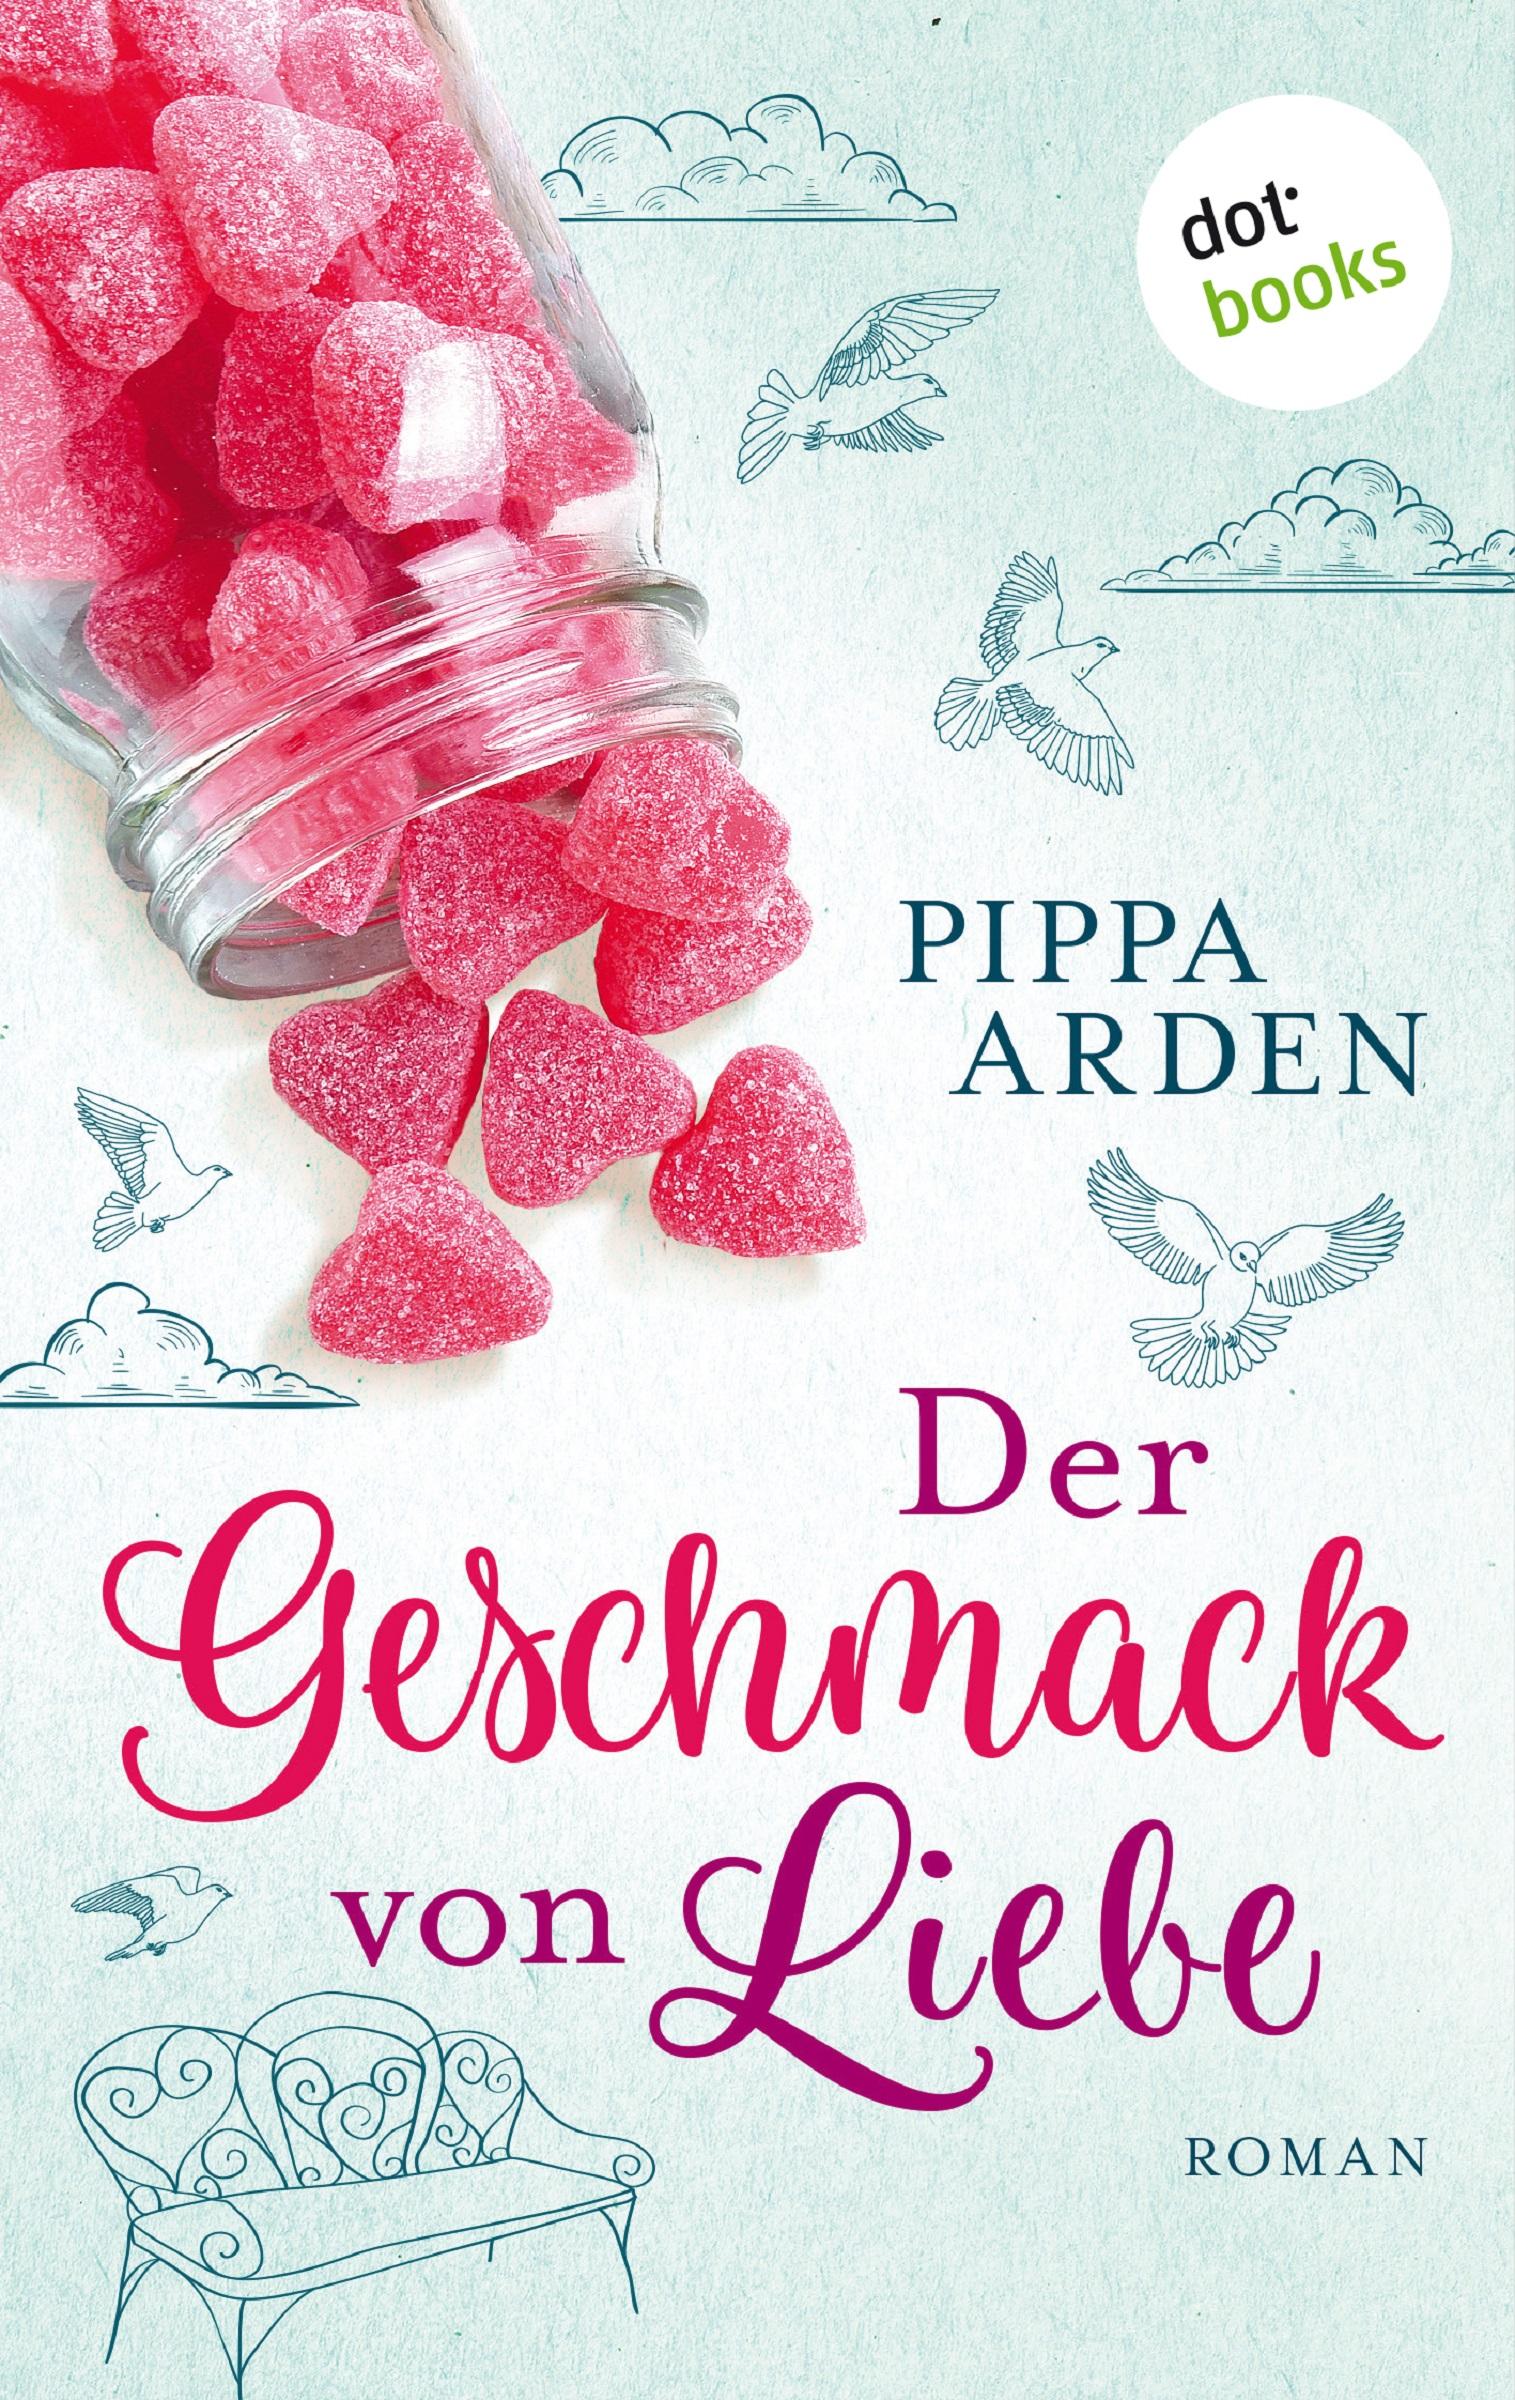 Arden_Pippa_Der_Geschmack_von_Liebe_phantastik-autoren-netzwerk.jpg